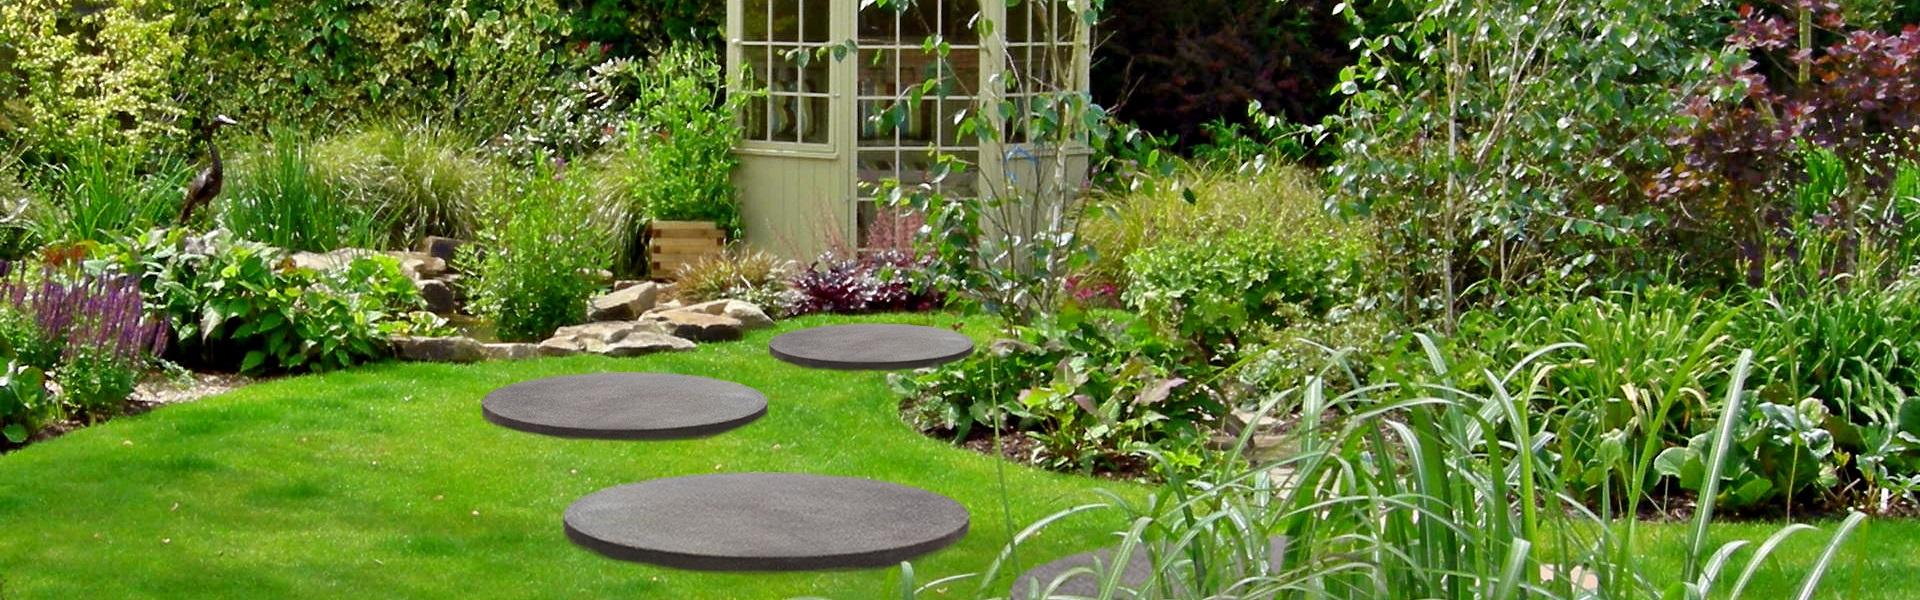 Grandes dalles rondes en béton pour l'aménagement de jardin. Pas de jardin XXL. Ciment blanc, gris, autres couleurs.